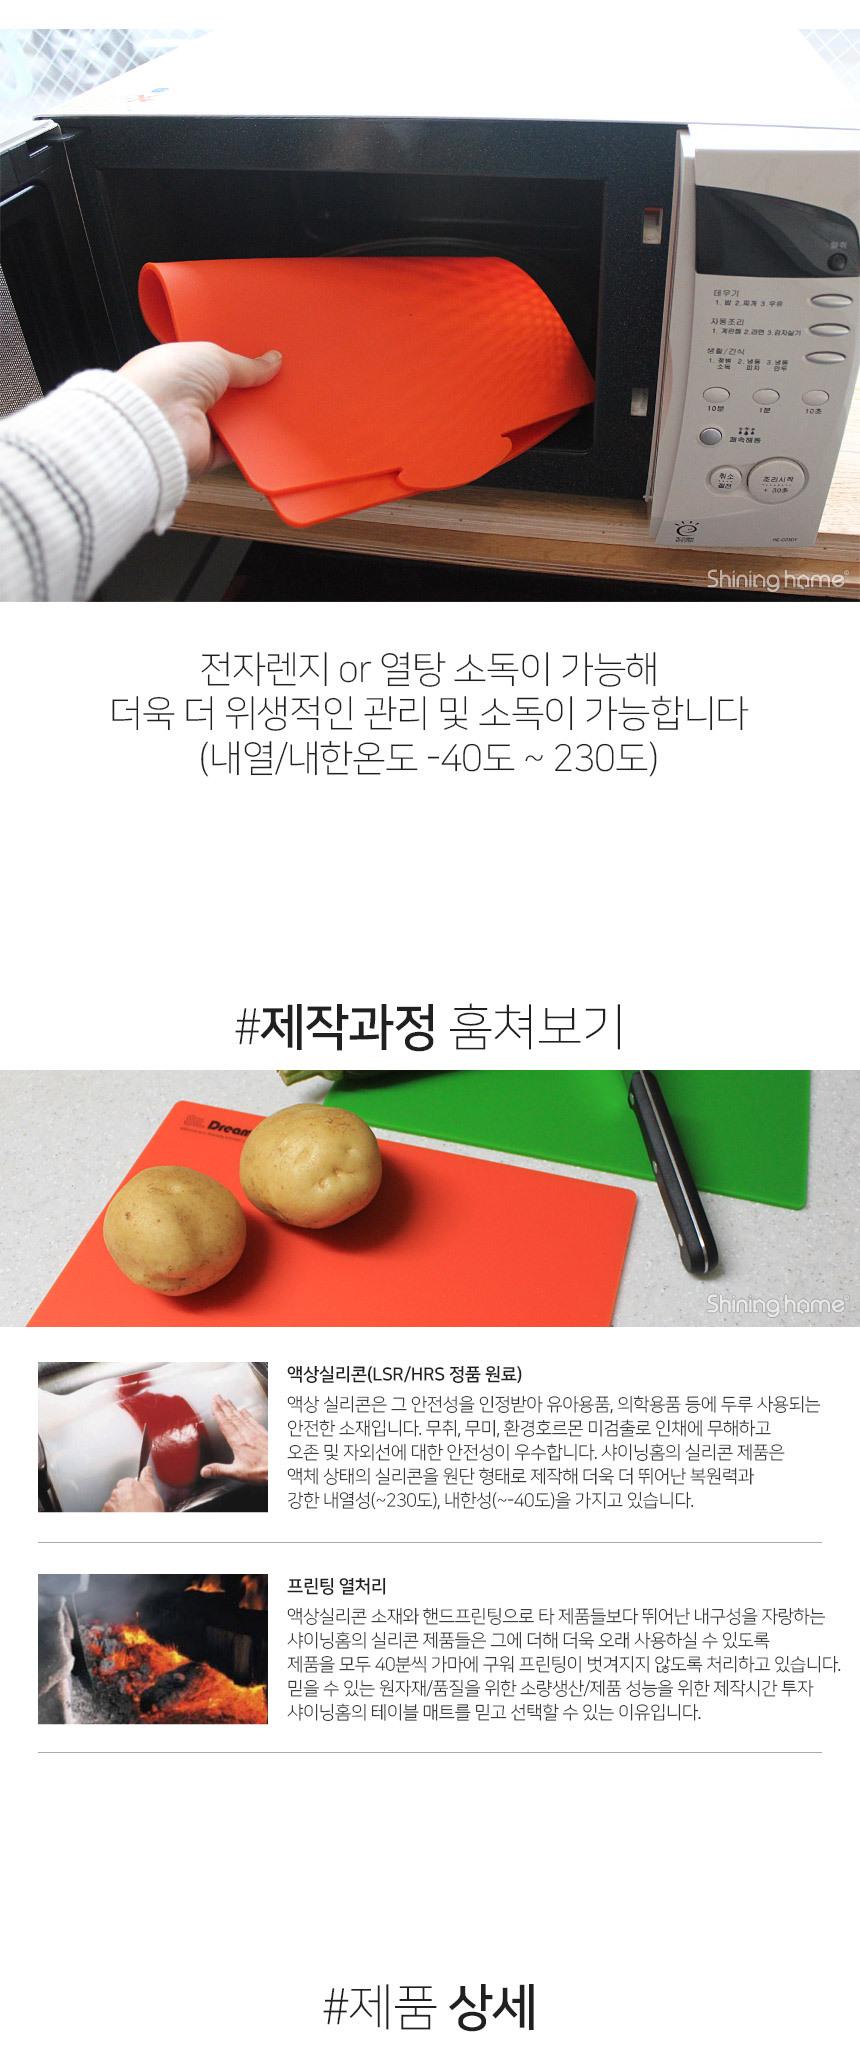 지니쿡 실리콘 가정/업소용 도마 대 60x30 - 샤이닝홈, 36,900원, 도마, 실리콘 도마